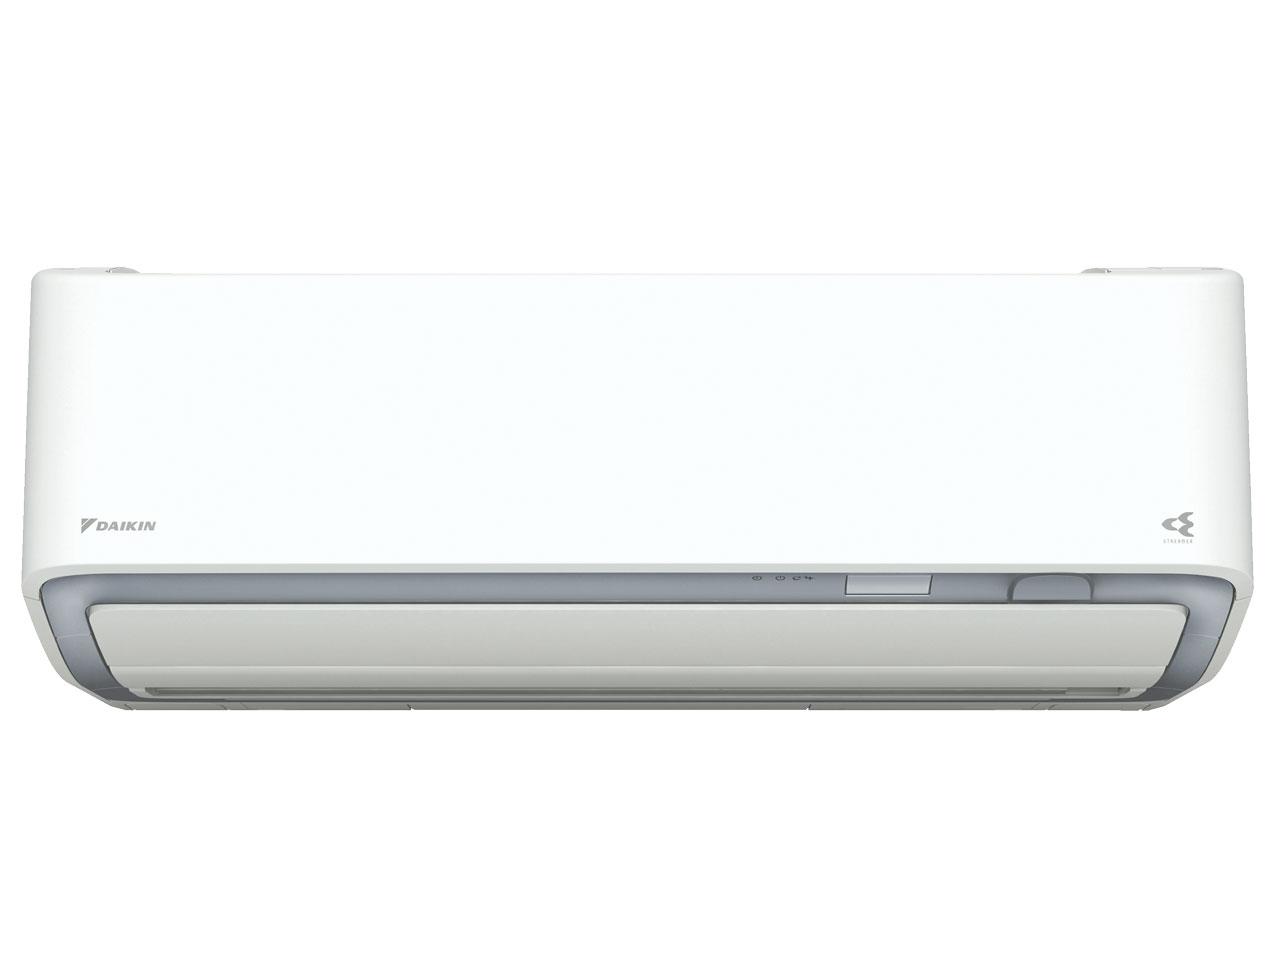 ダイキン 19年モデル AXシリーズ S40WTAXP-W 【200V用】14畳用冷暖房除湿エアコン